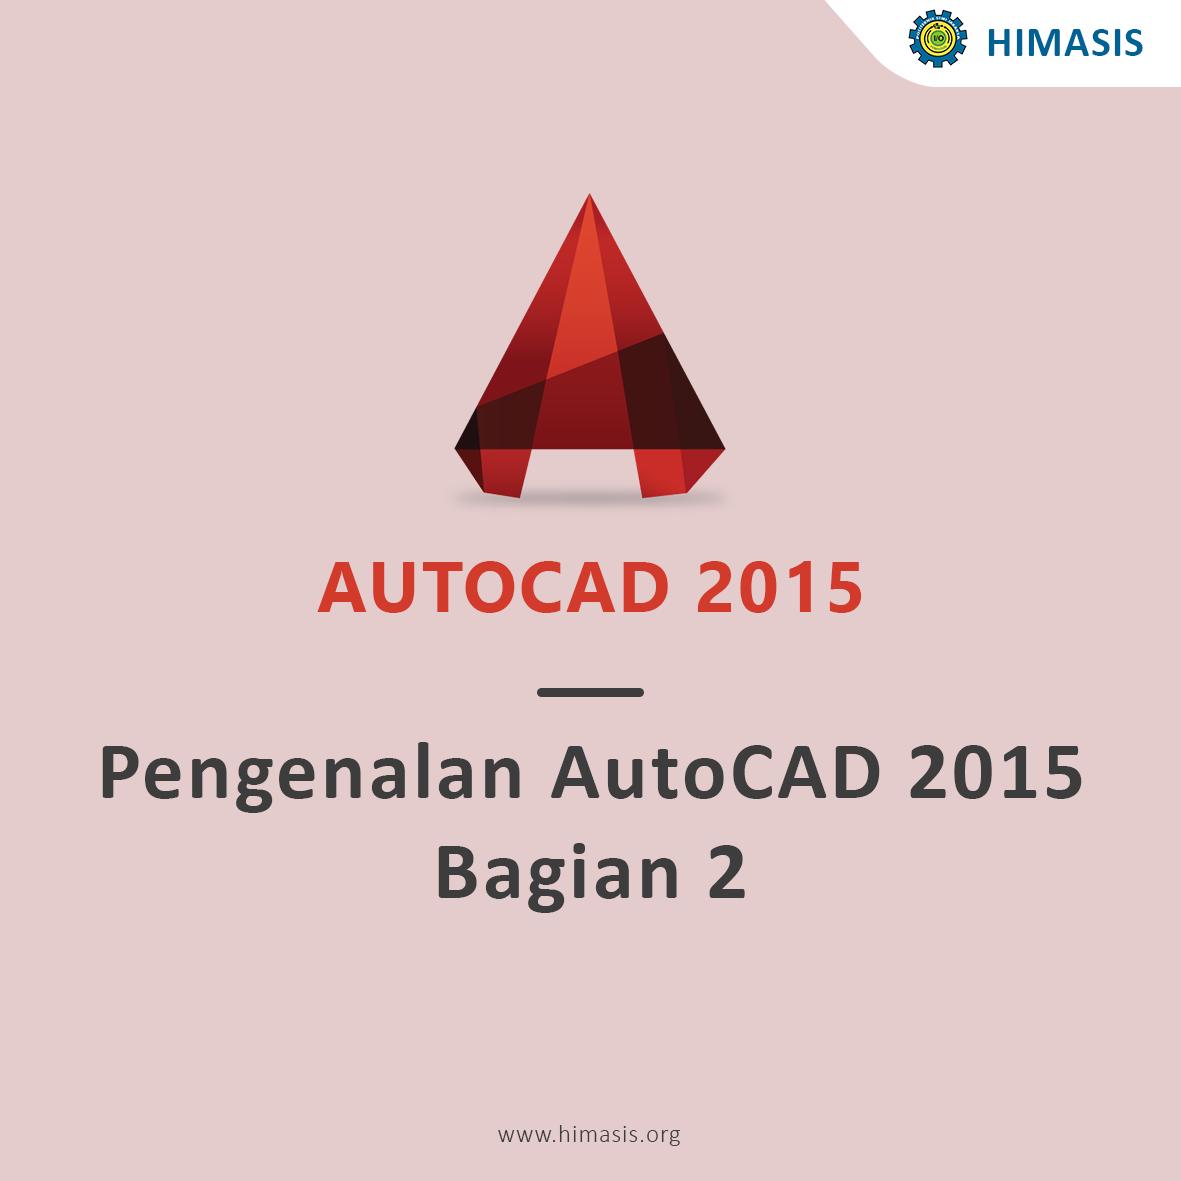 Pengenalan AutoCAD2015 Bagian 2